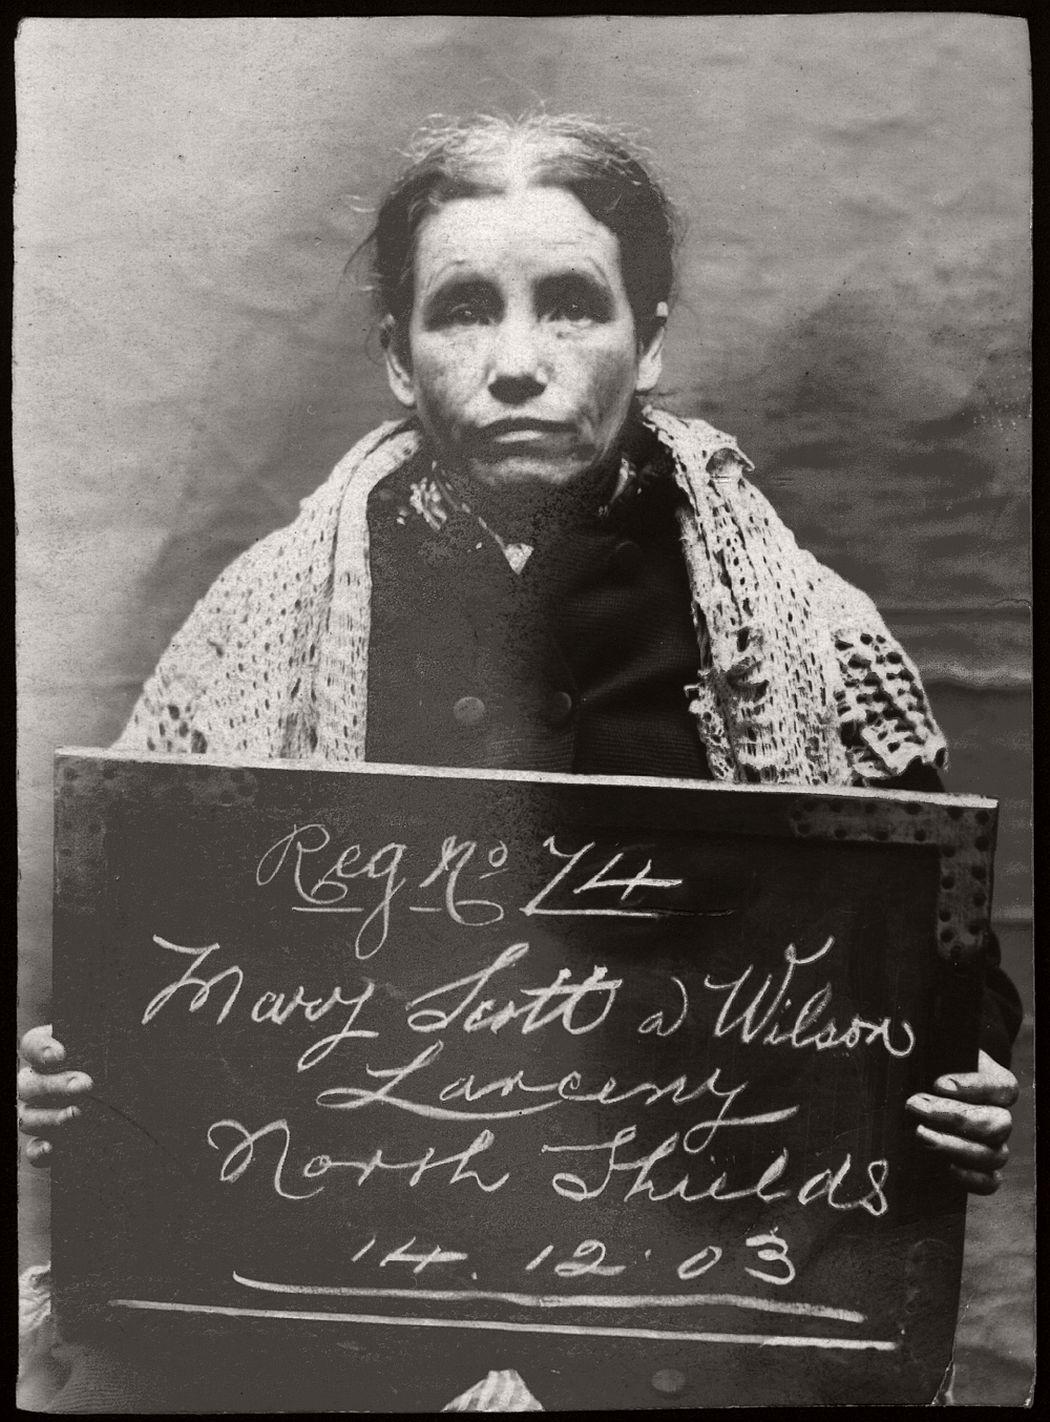 vintage-mug-shot-of-women-criminals-from-north-shields-1903-1905-16